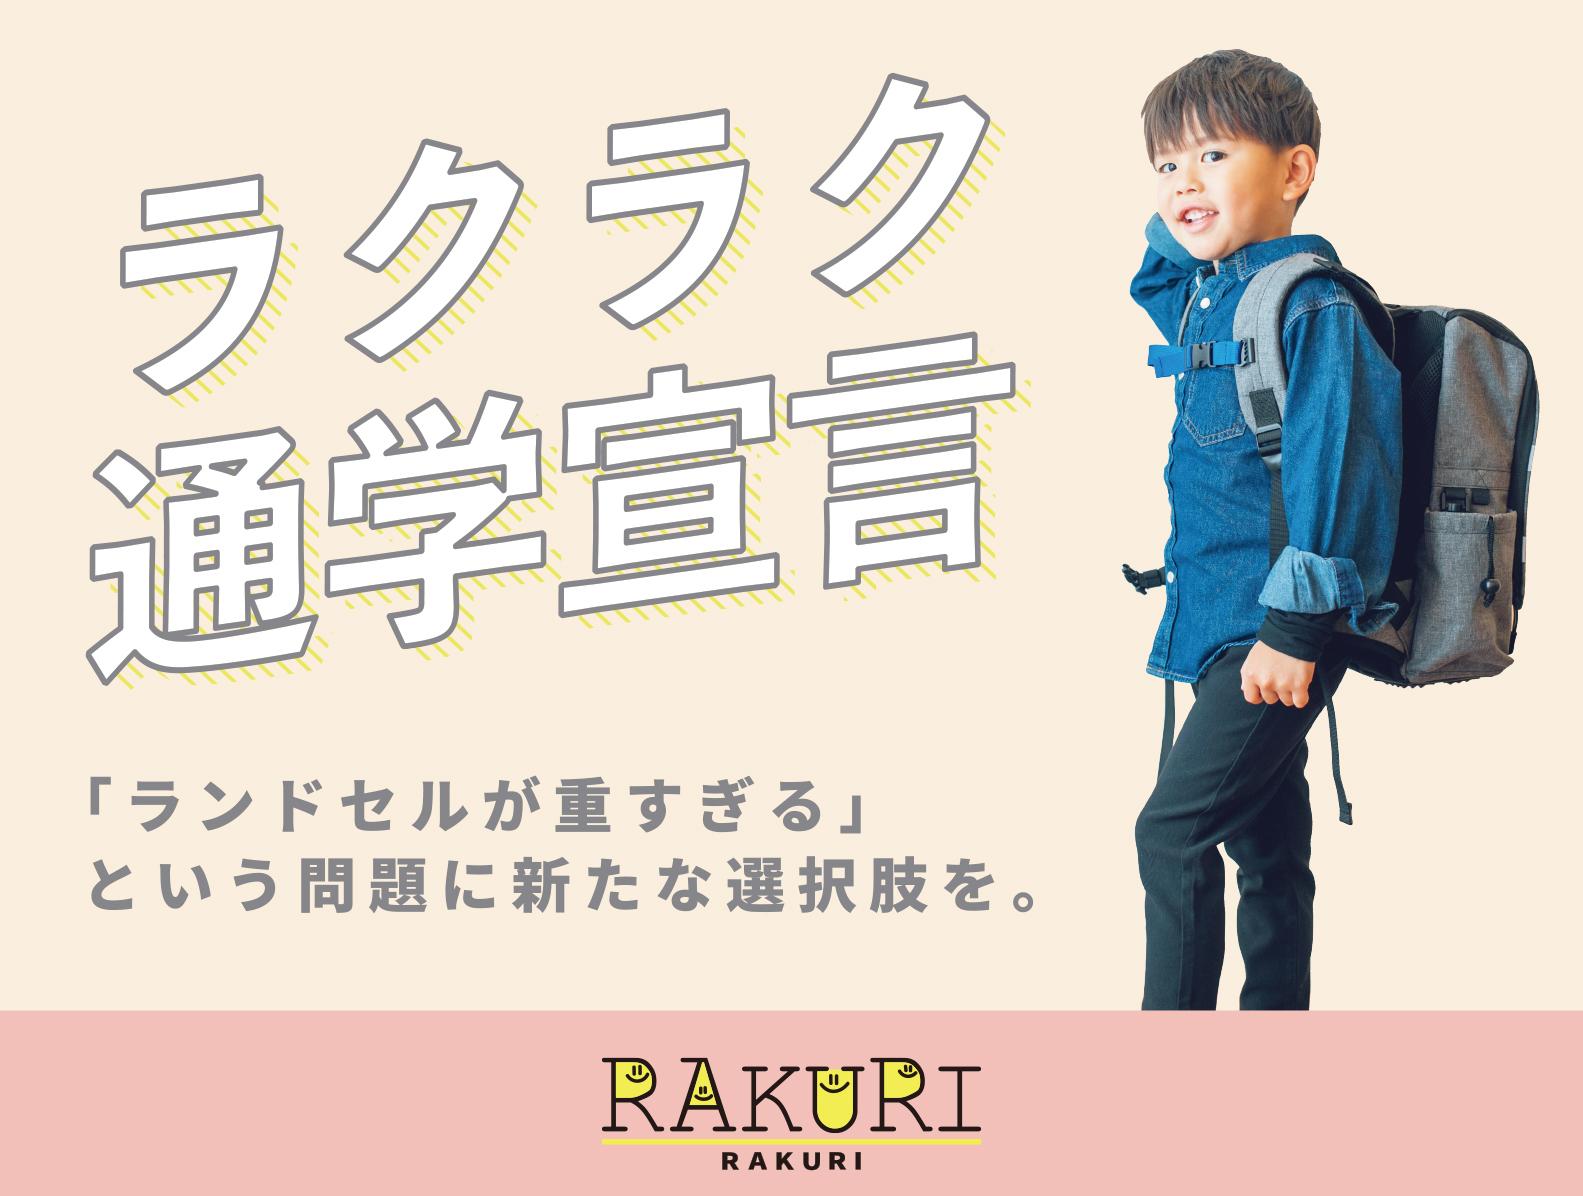 【プラザAアピタ高崎店】新★通学かばん★のご提案